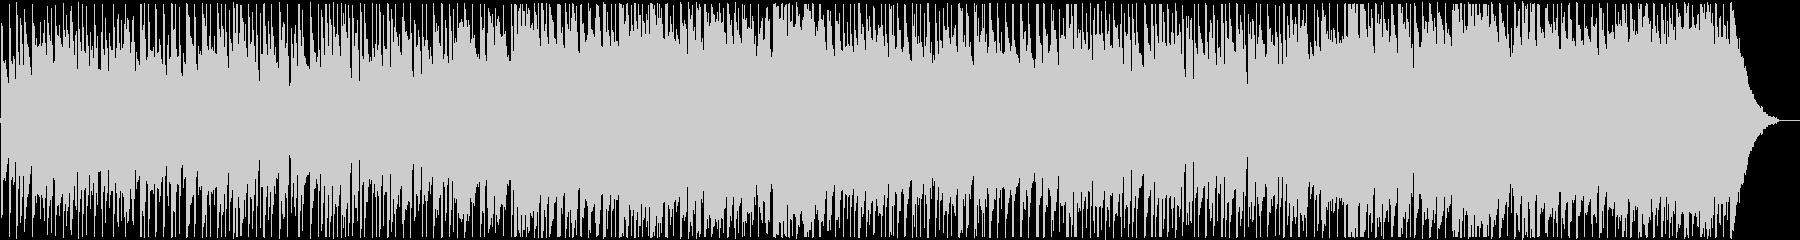 これぞ90年代日本のバラード と唸る一品の未再生の波形